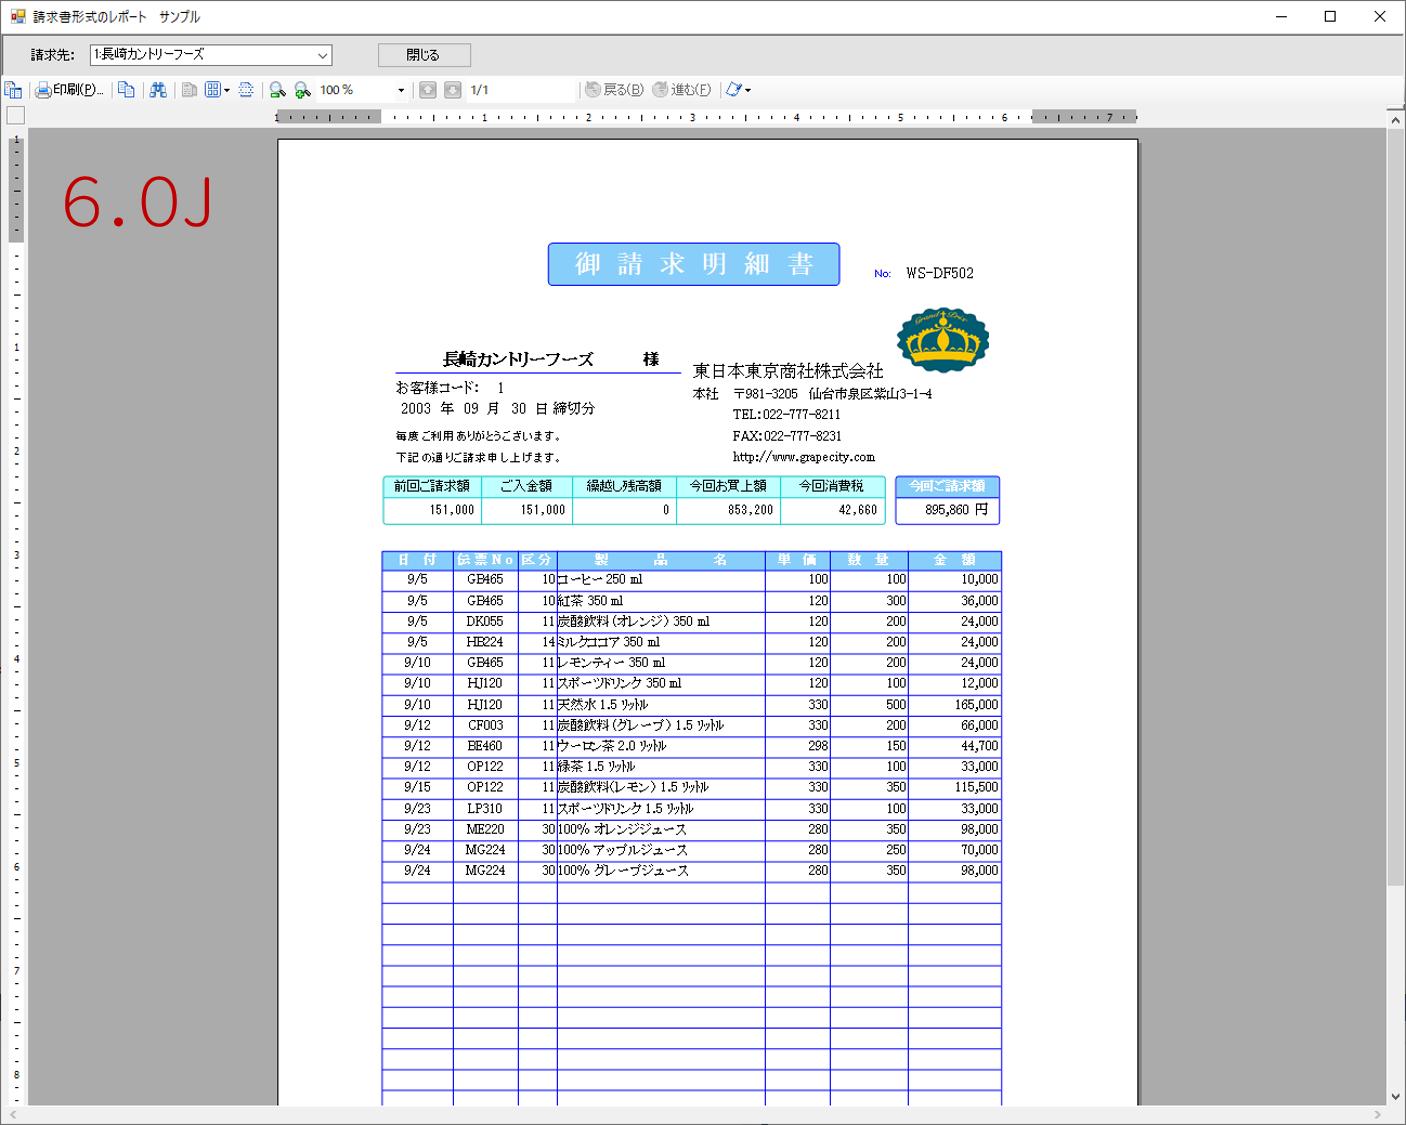 6.0Jの請求書サンプル